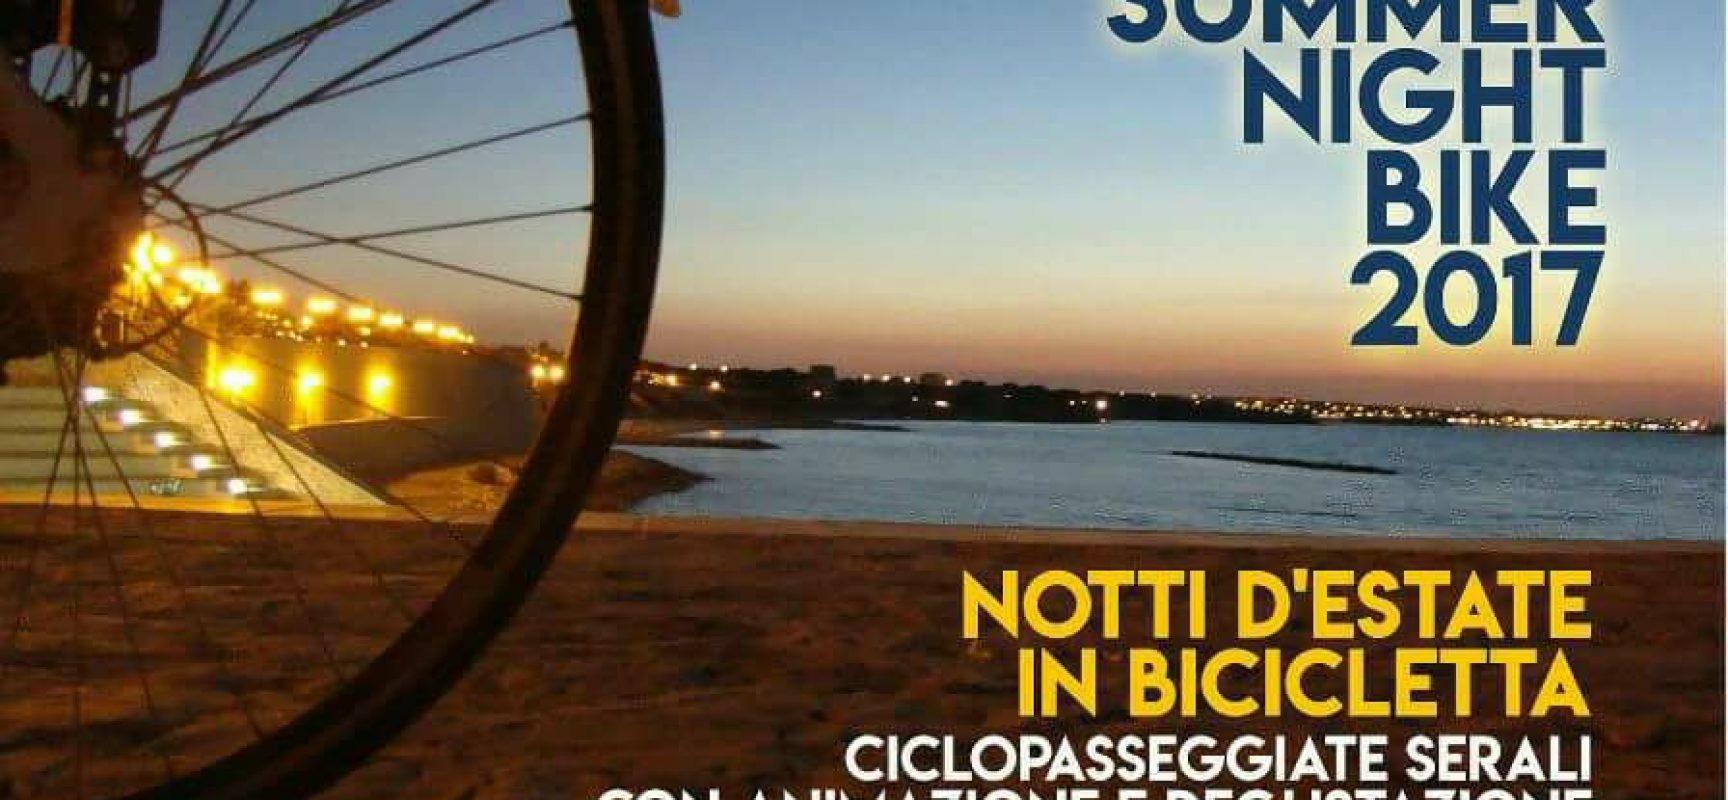 Terzo appuntamento con la Summer Night Bike, promosso dall'associazione Biciliae